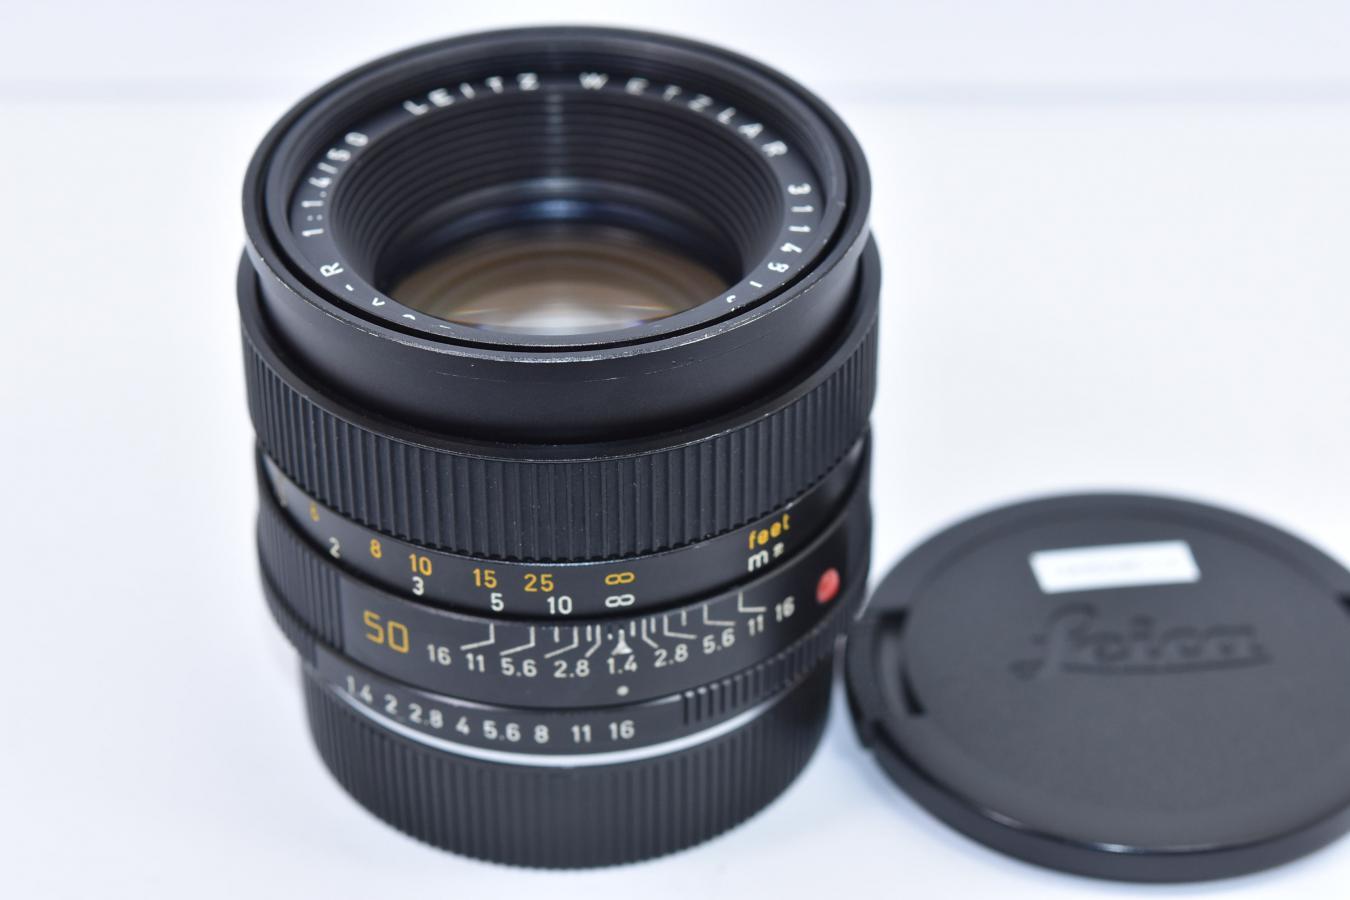 ライカ ズミルックス R 50mm F1.4 3カム